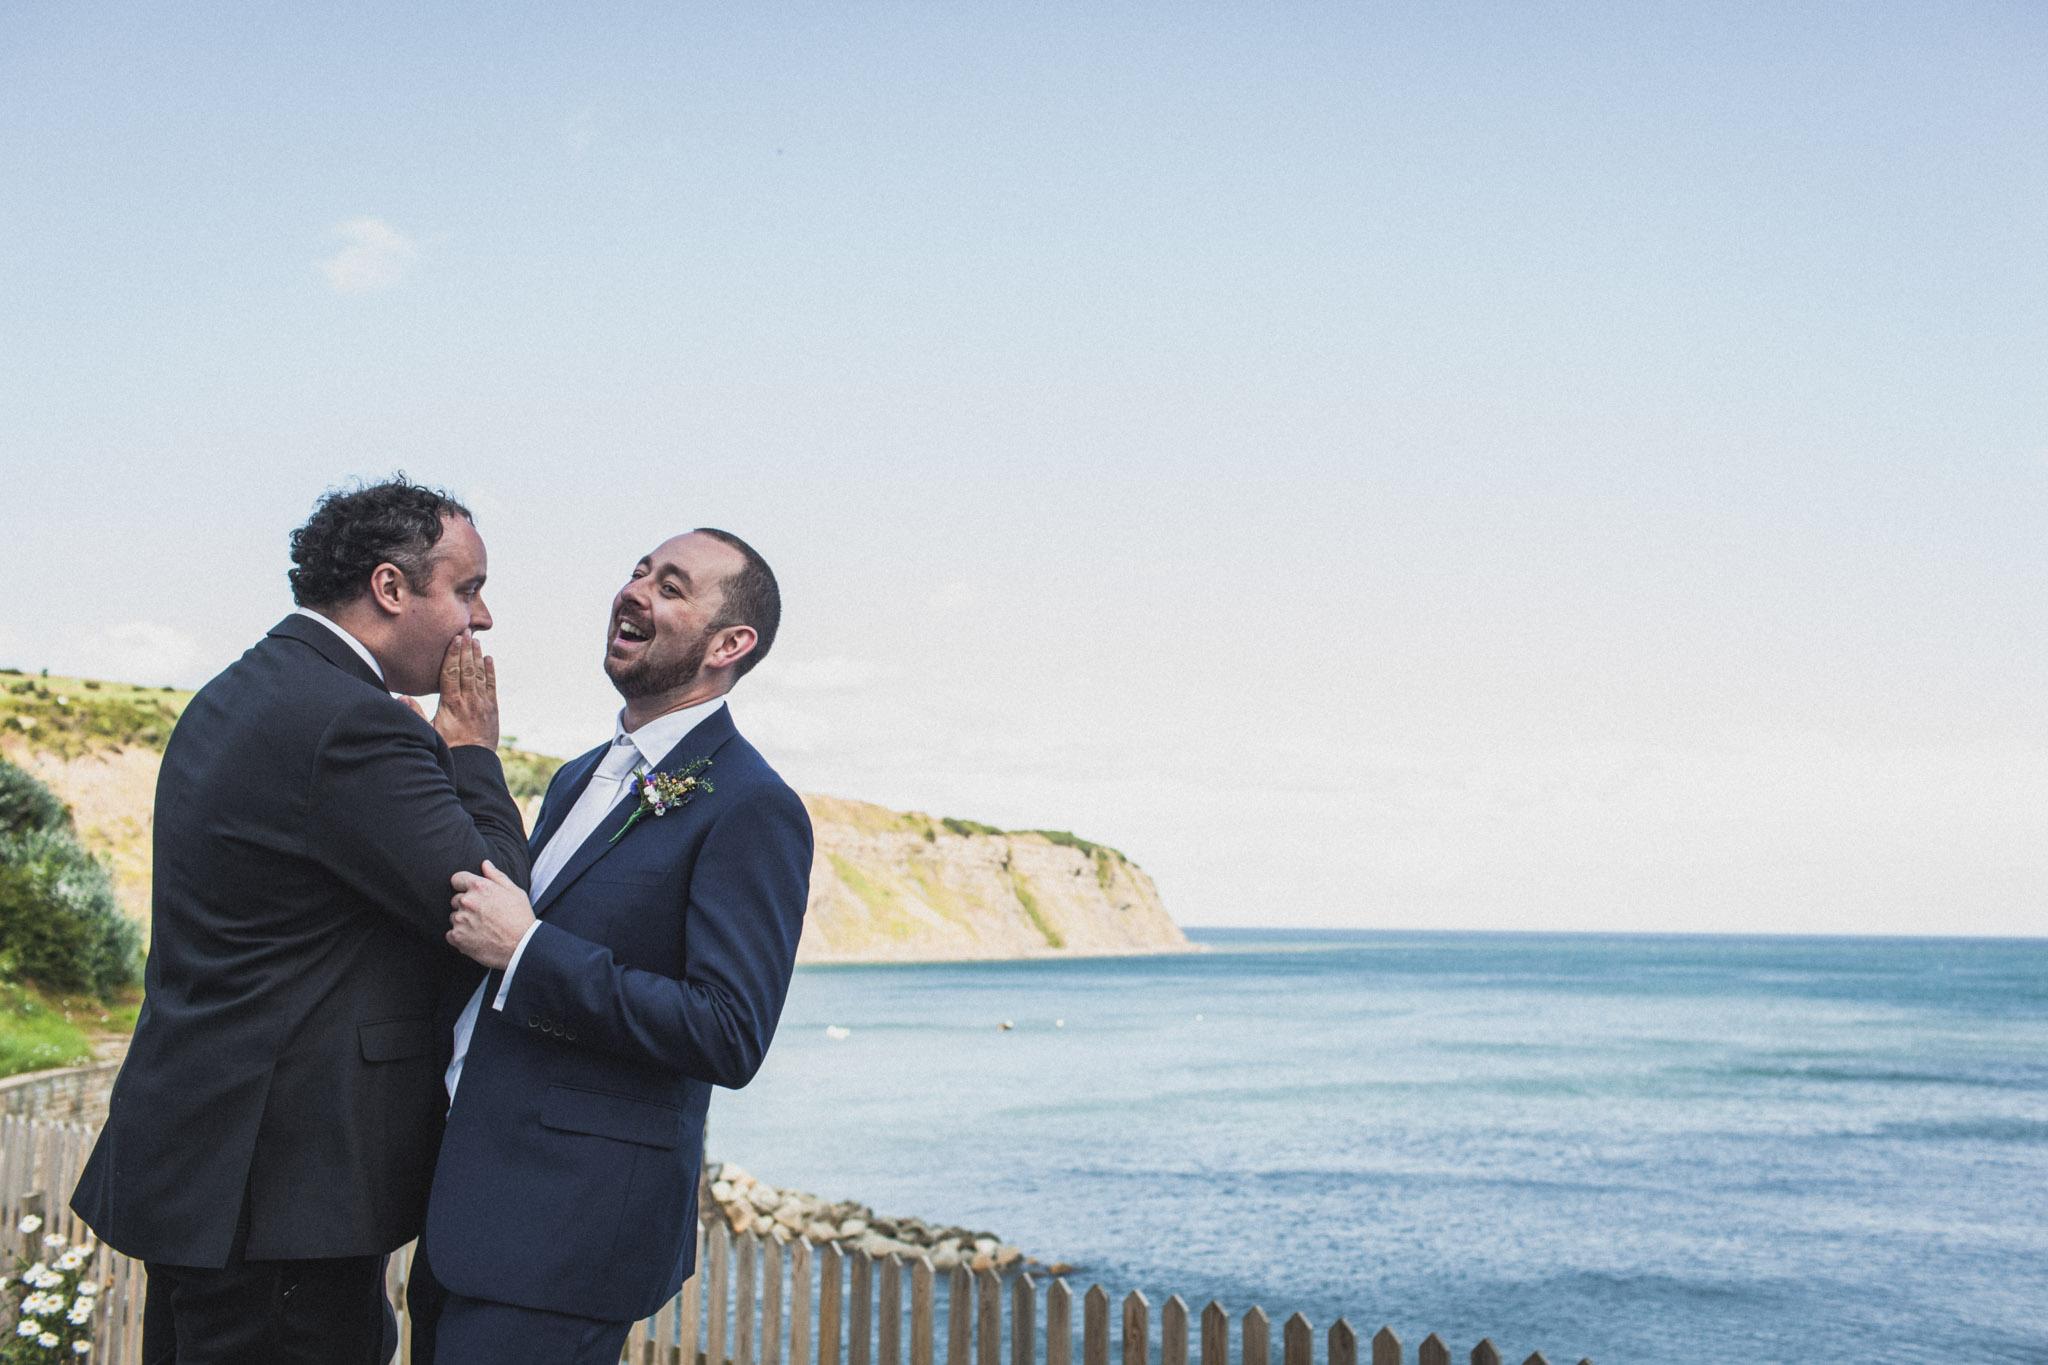 wedding_robin_hoods_bay_whitby_042.jpg